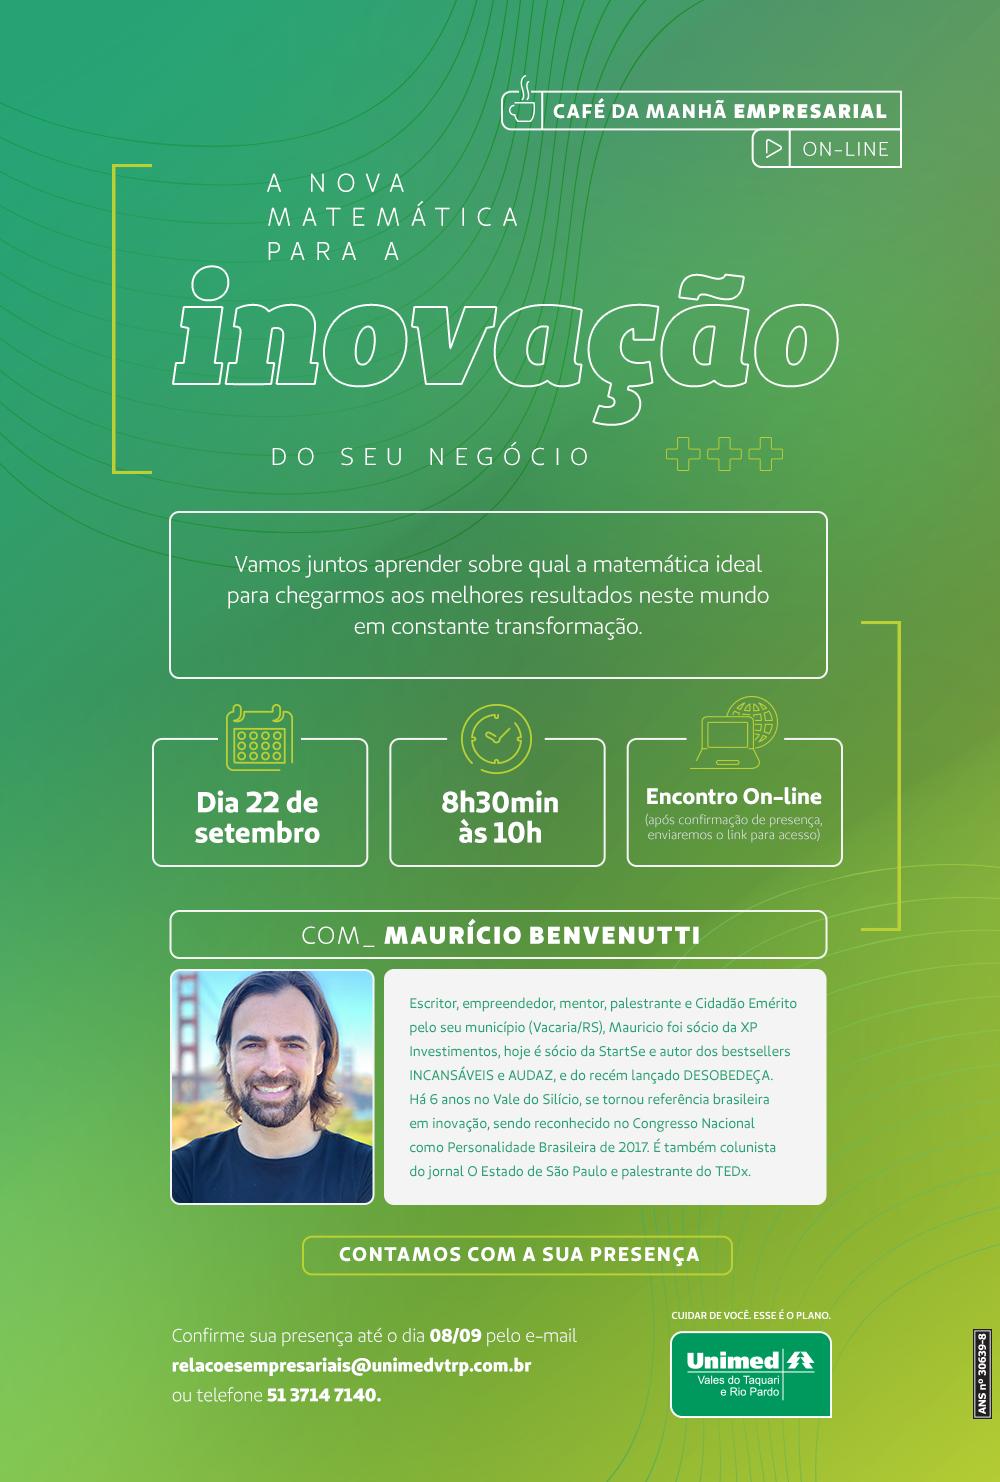 Cafe-da-manha-Empresarial_Convite-Digital (1)